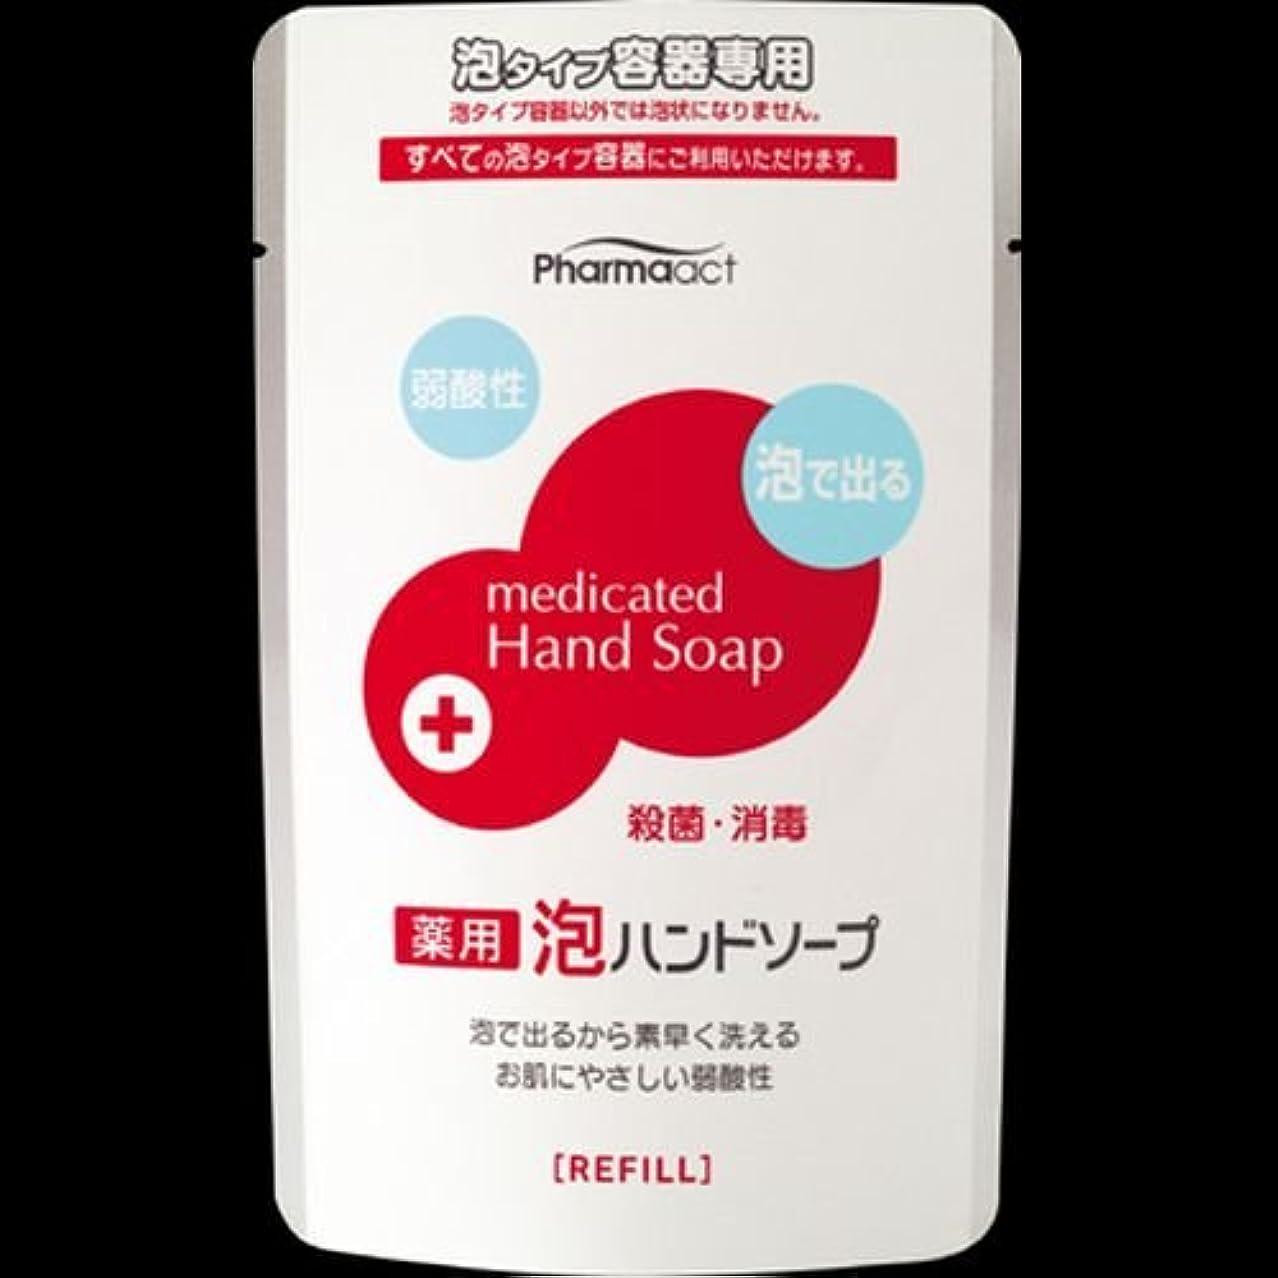 概要フレアキャプション【まとめ買い】ファーマアクト 弱酸性 薬用泡ハンドソープ つめかえ用 200ml ×2セット